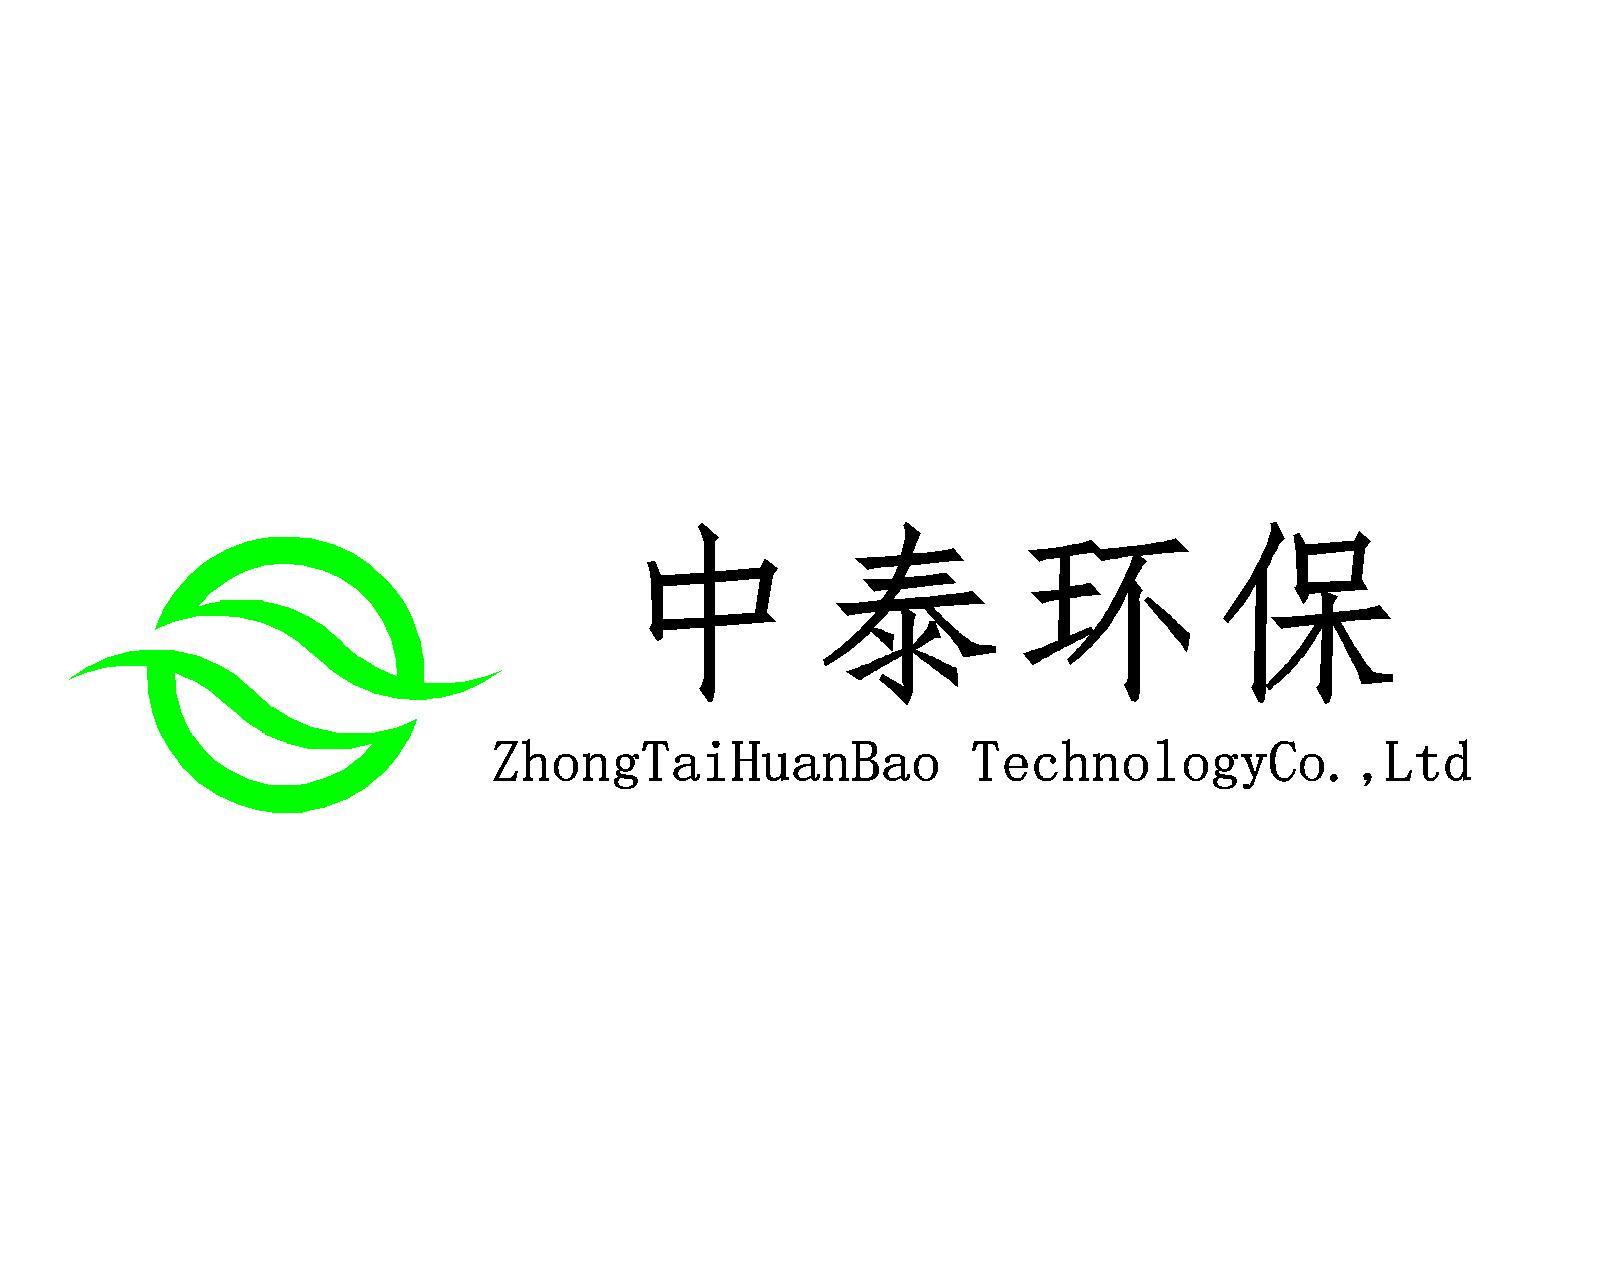 潍坊中泰澳门大发888网上平台科技有限公司